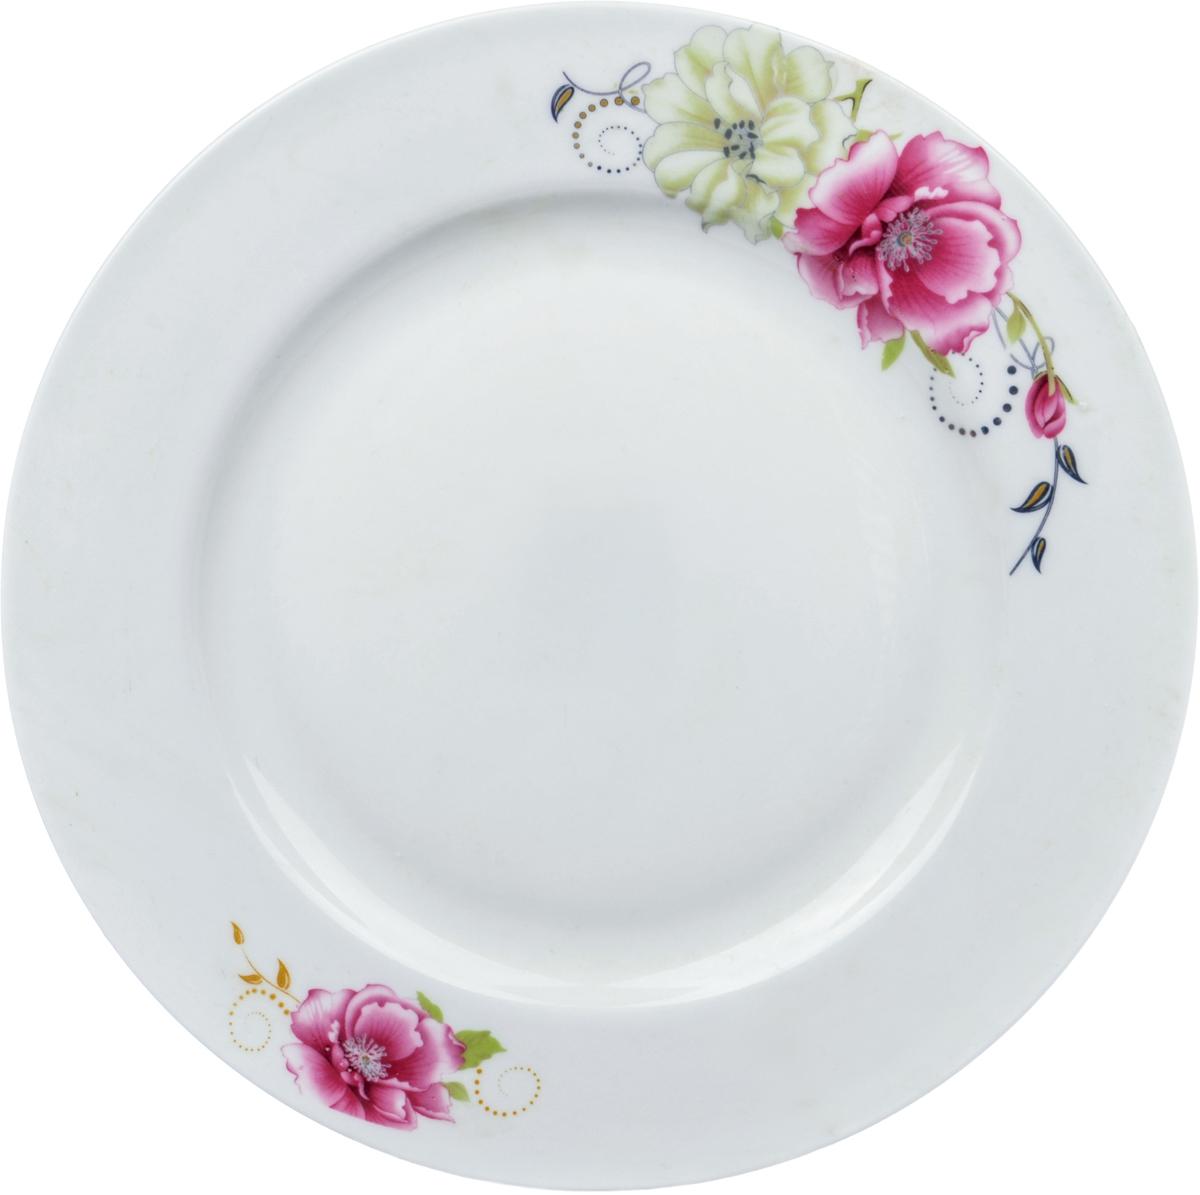 Тарелка Ningbo Royal Роза, диаметр 23 см посуда из фарфора оптом